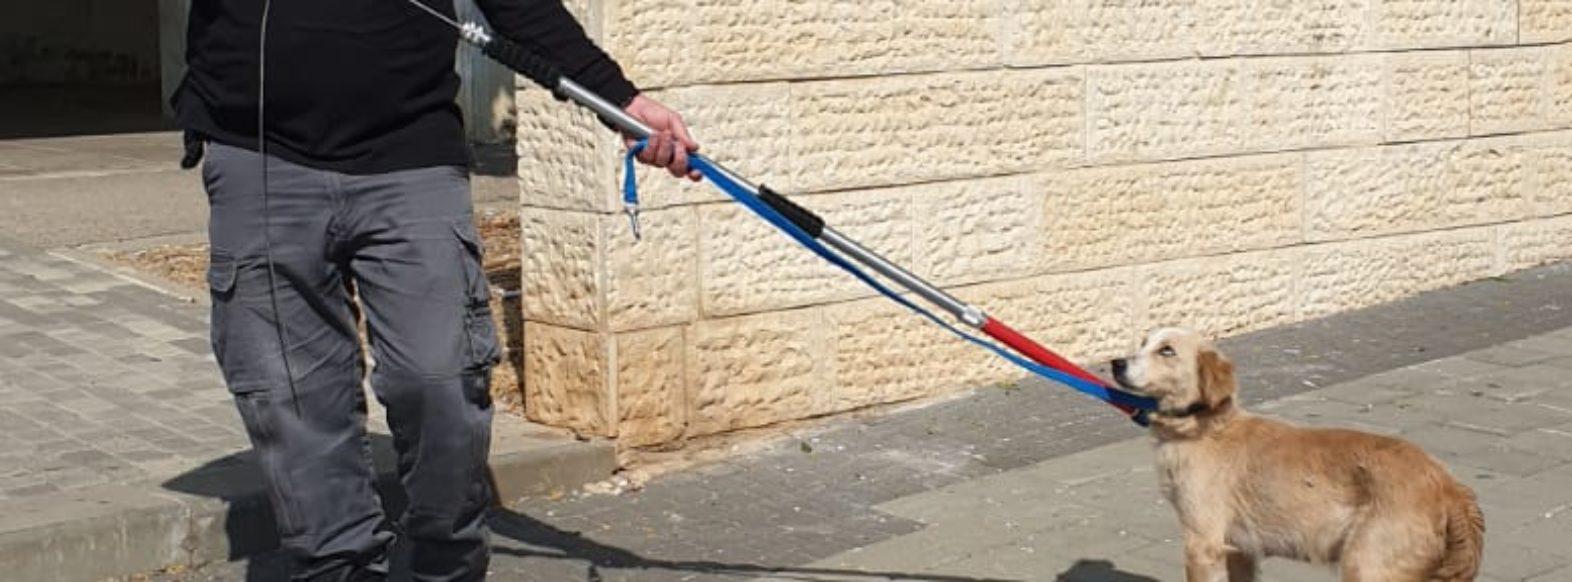 מבצע אכיפת כלבים משוטטים ואי איסוף צרכים בעיר